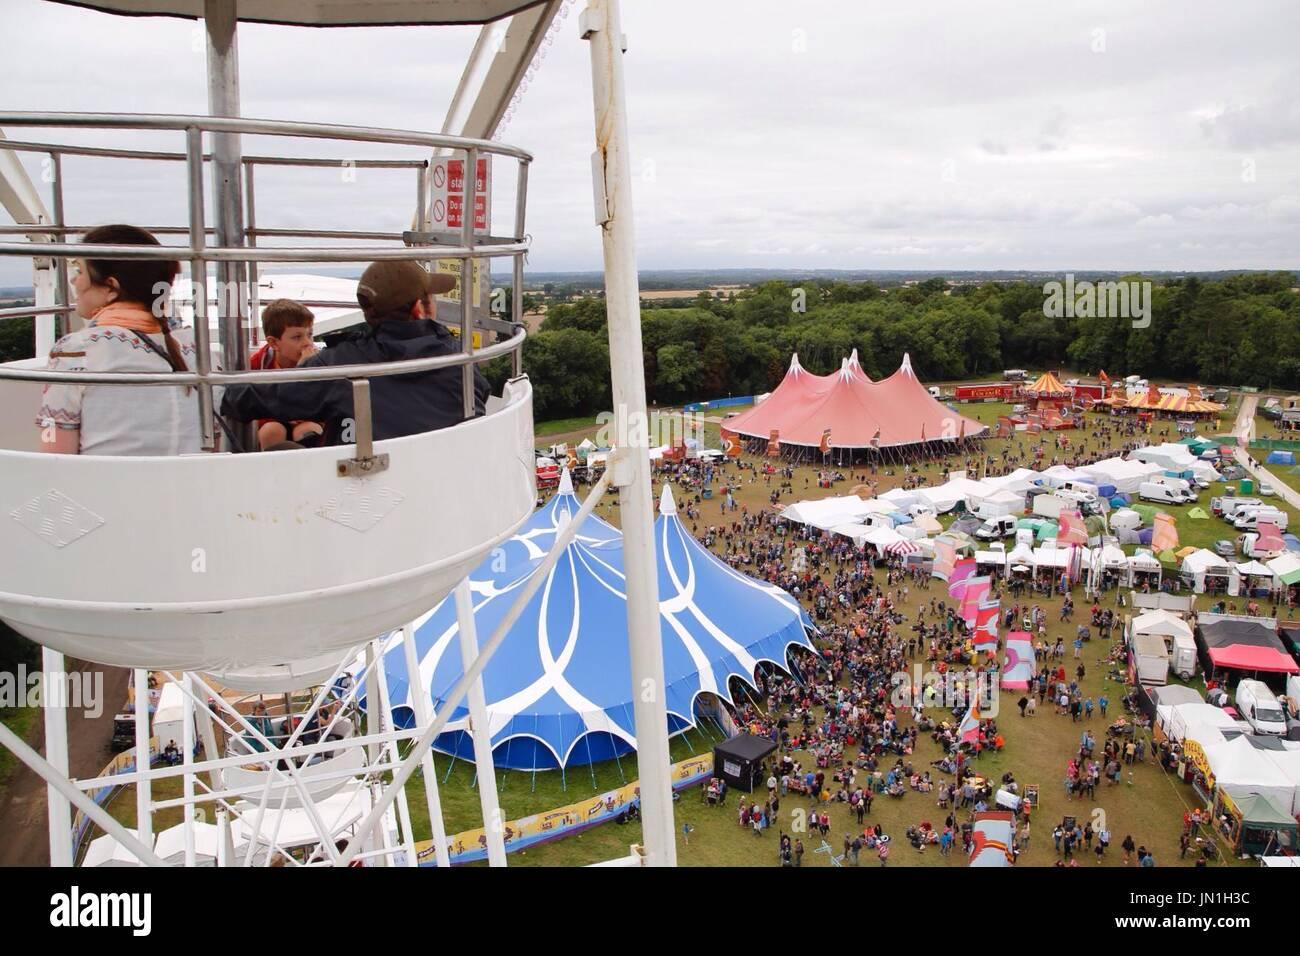 Malmesbury, Wiltshire. 29 juillet 2017. Le troisième jour de la world music et dance festival dans le Wiltshire. Banque D'Images